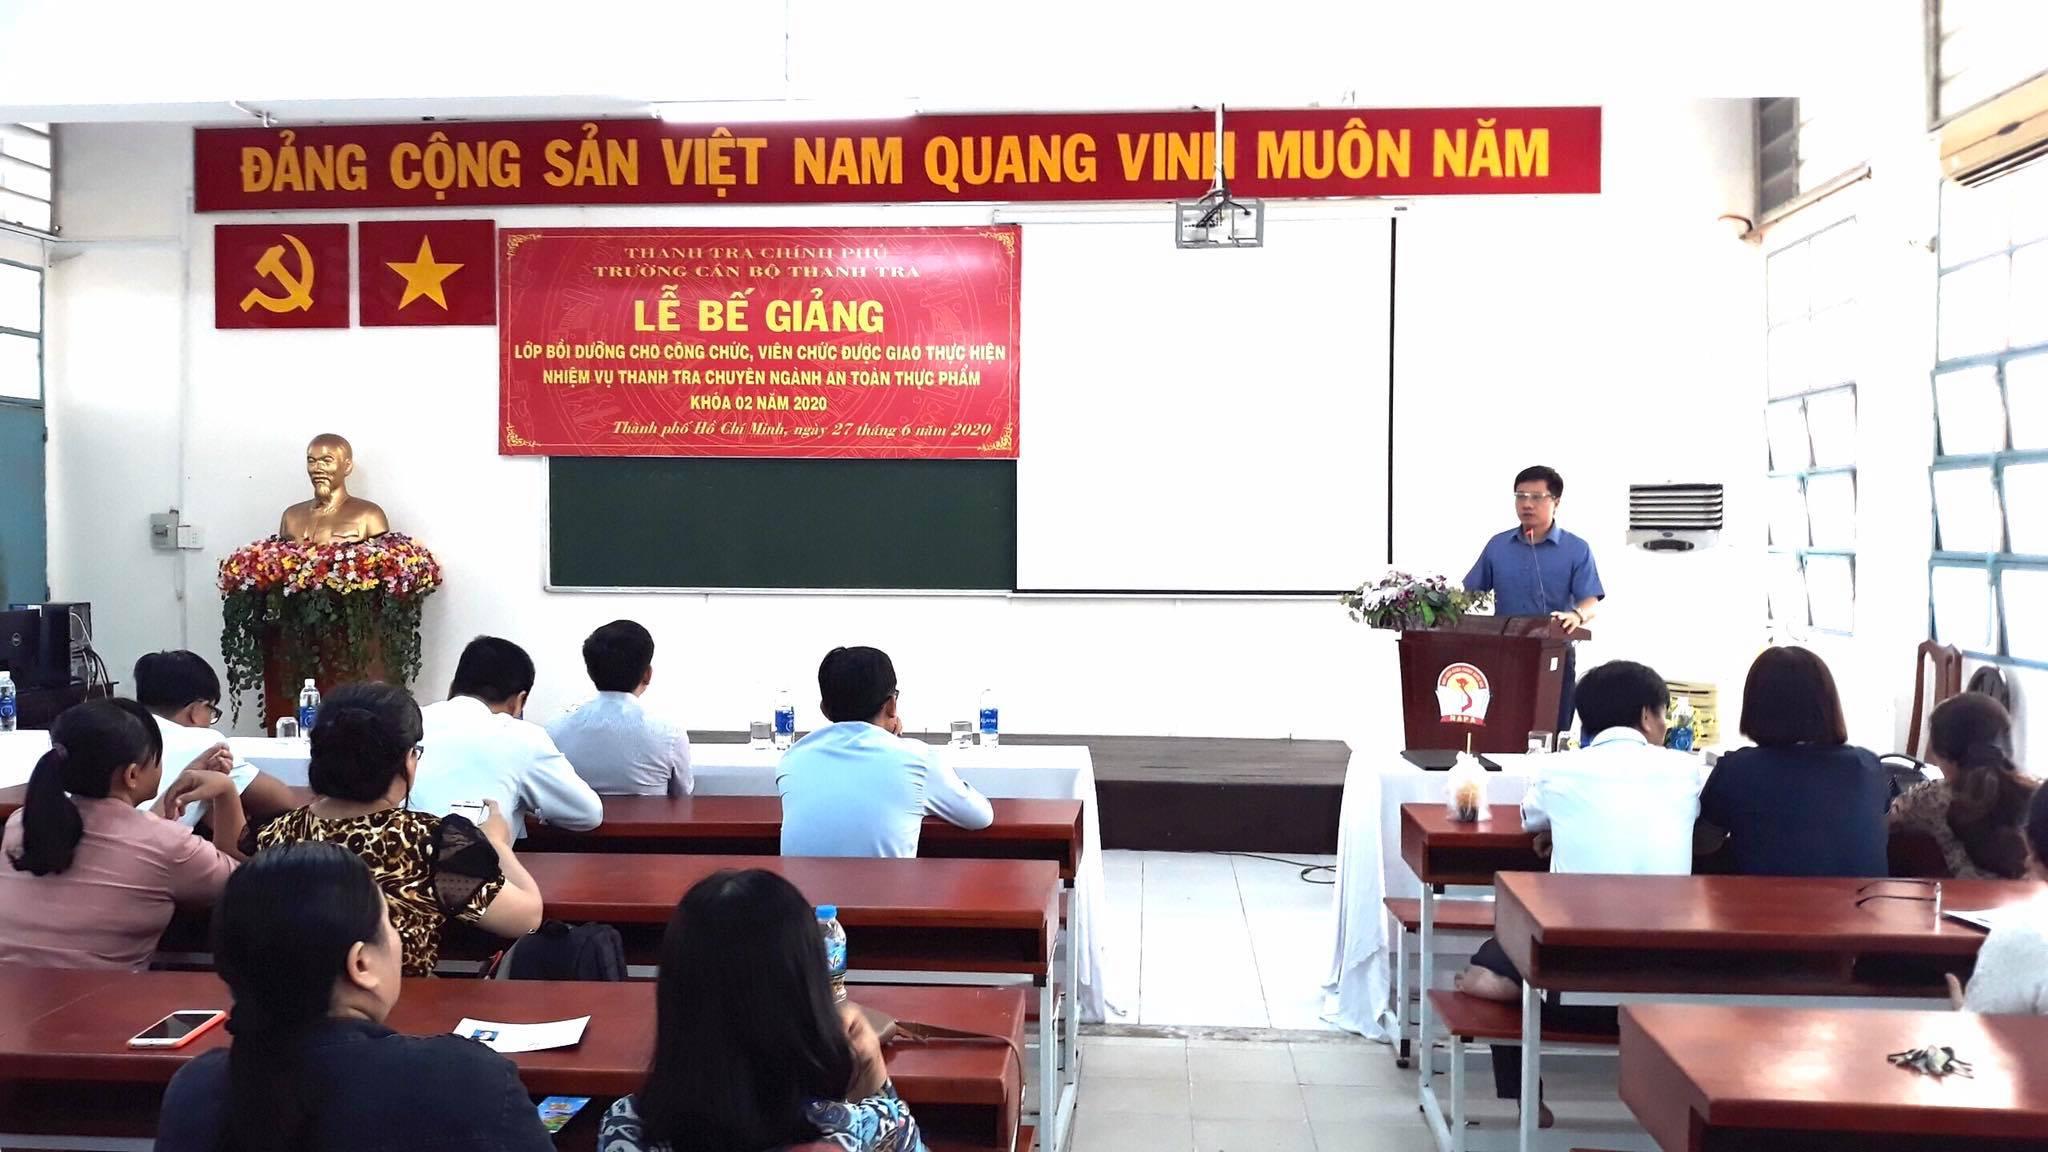 TS Trinh Văn Toàn Phó Hiệu trưởng Trường CBTT phát biểu bế giảng khóa học 1